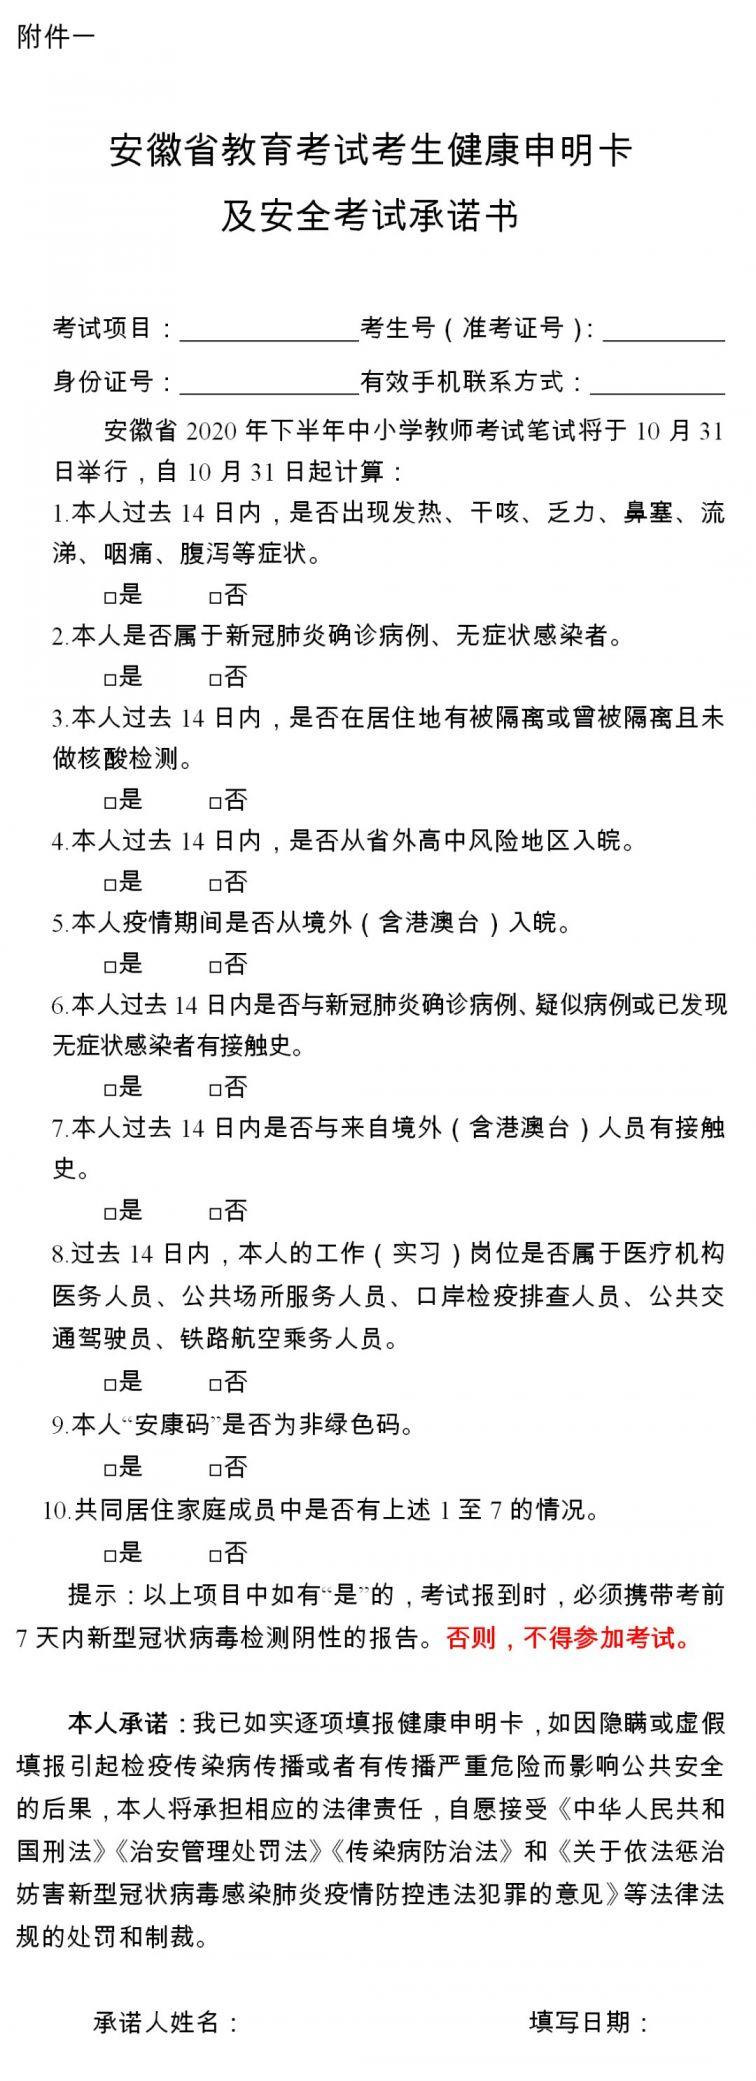 安徽省教育考试考生健康申明卡及安全考试承诺书